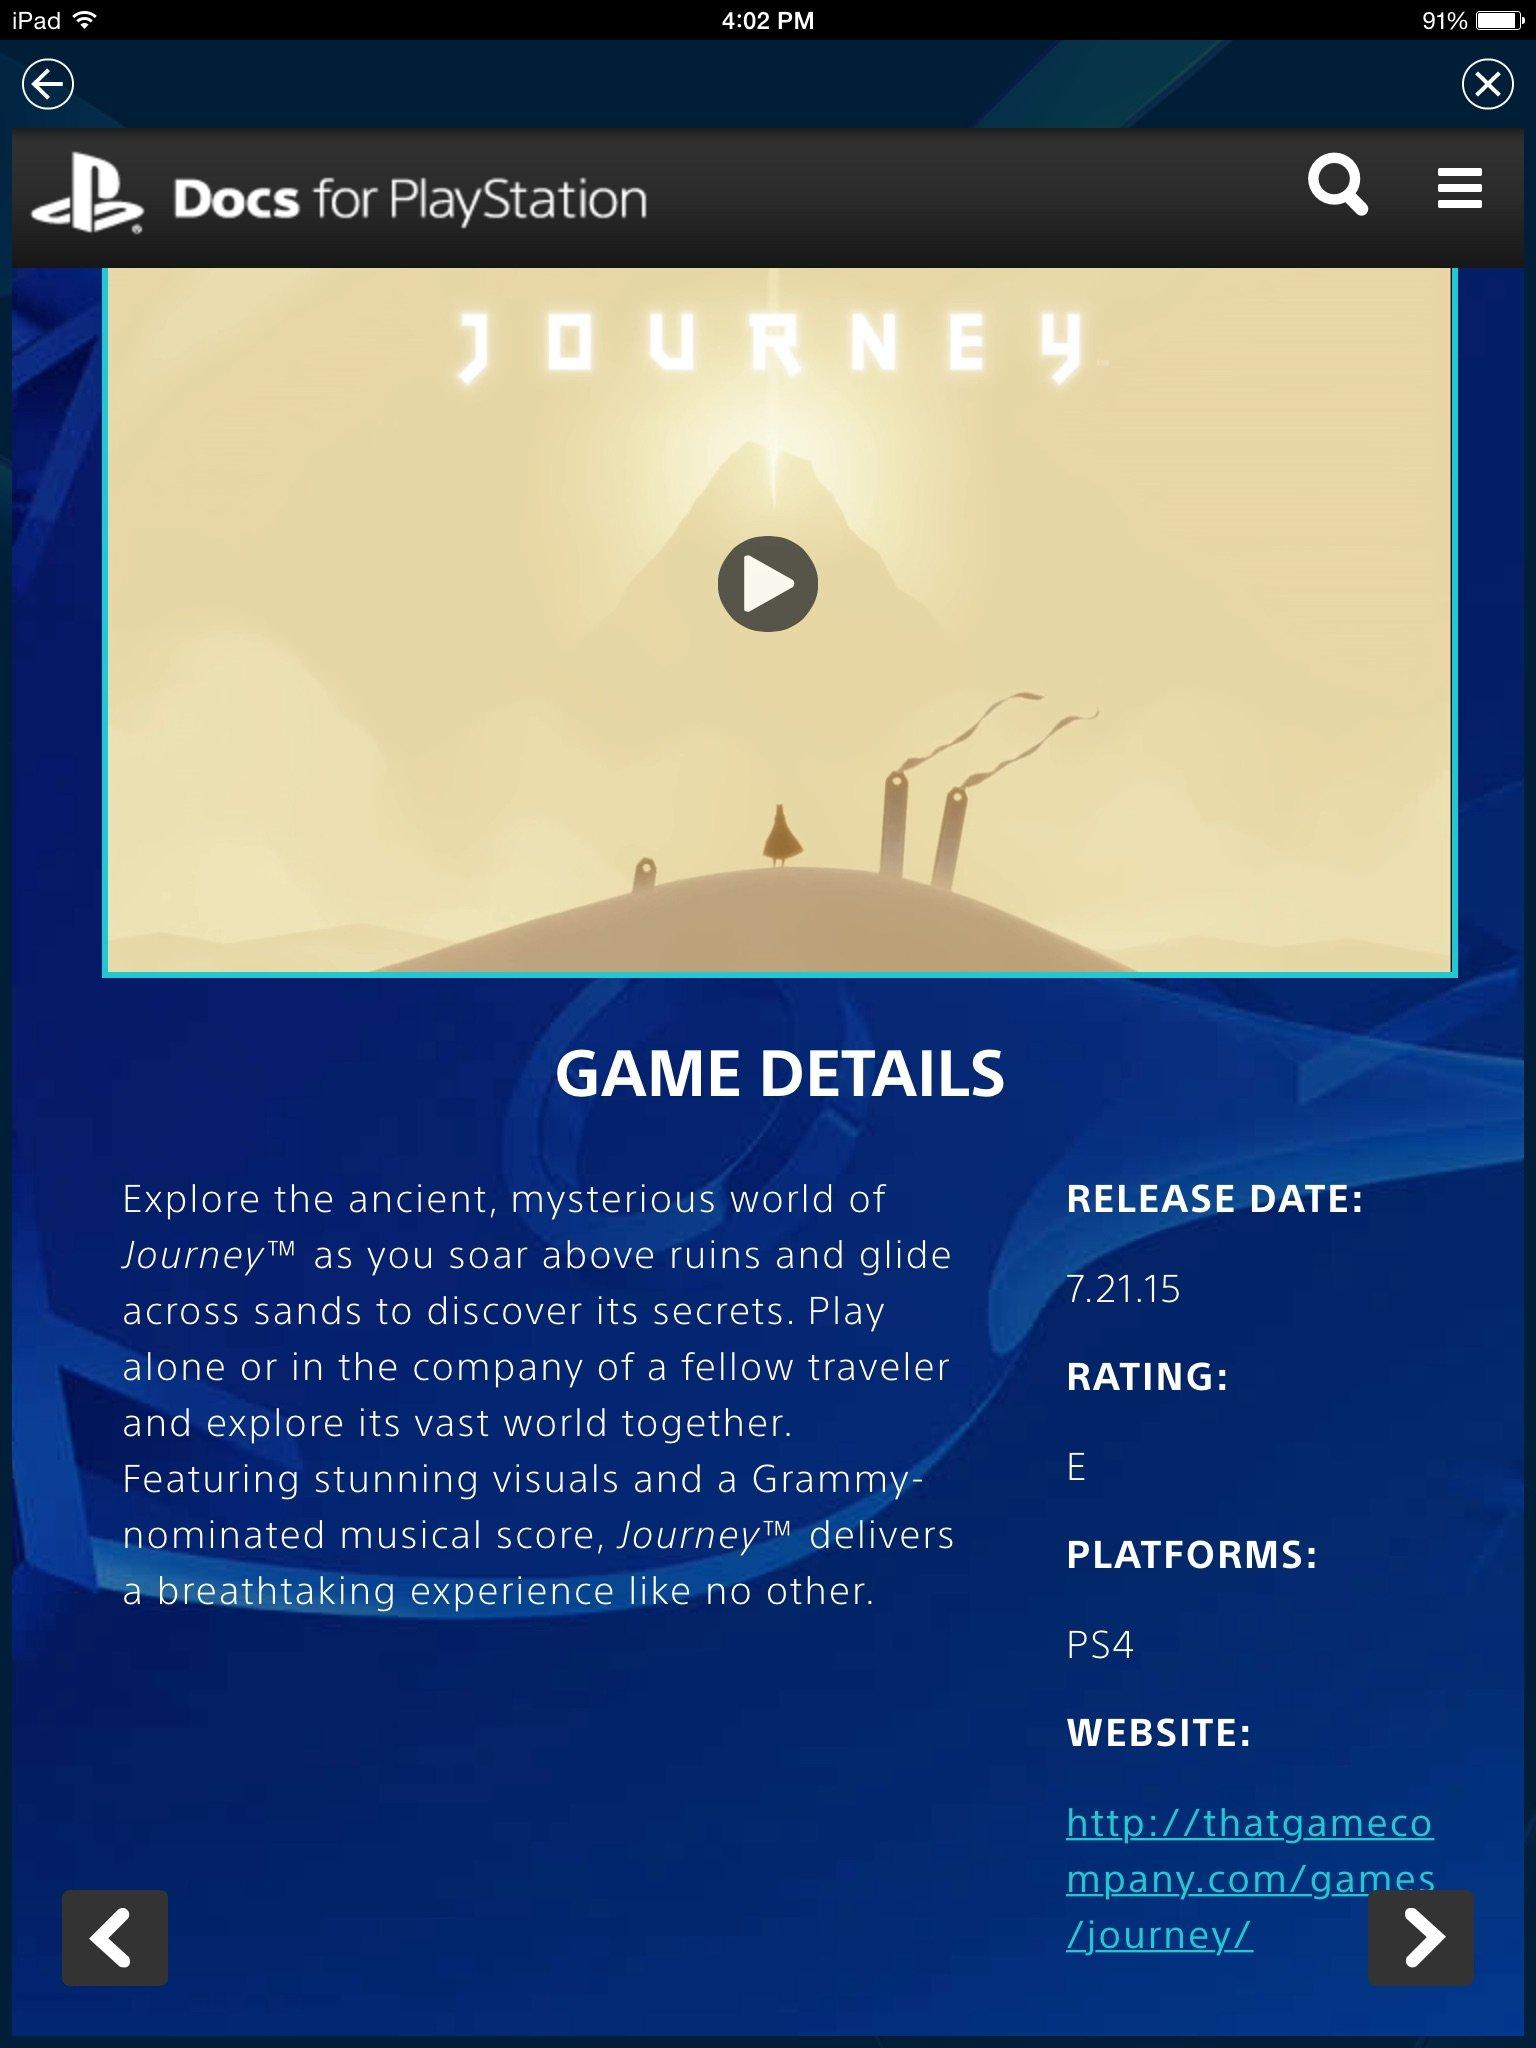 Journey на PS4 21 июля - Изображение 1